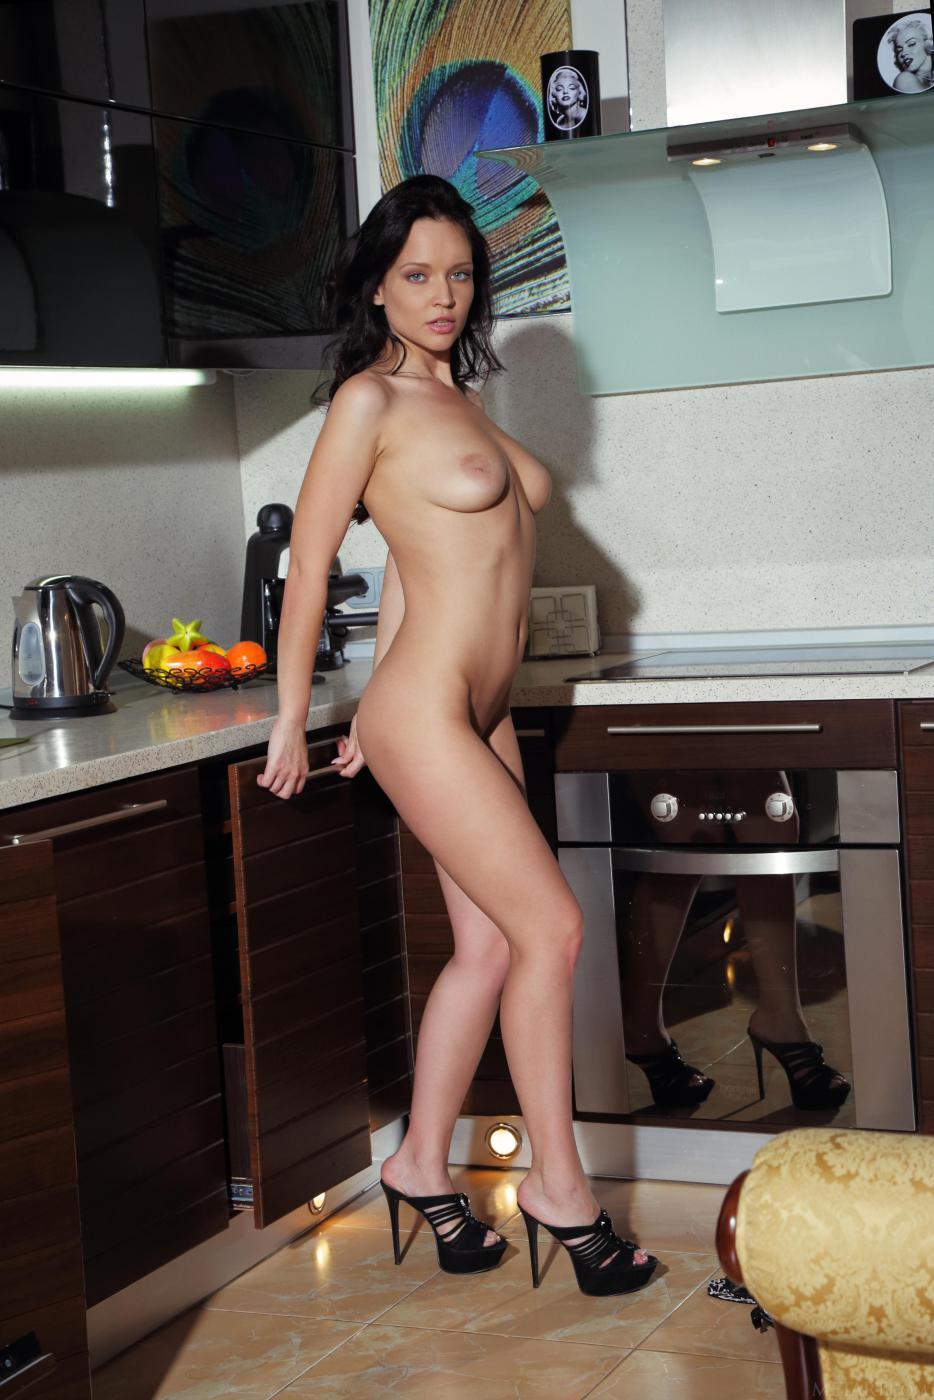 Извращенка-брюнетка Marica A демонстрирует свою классную пизду с любого возможного угла на кухне